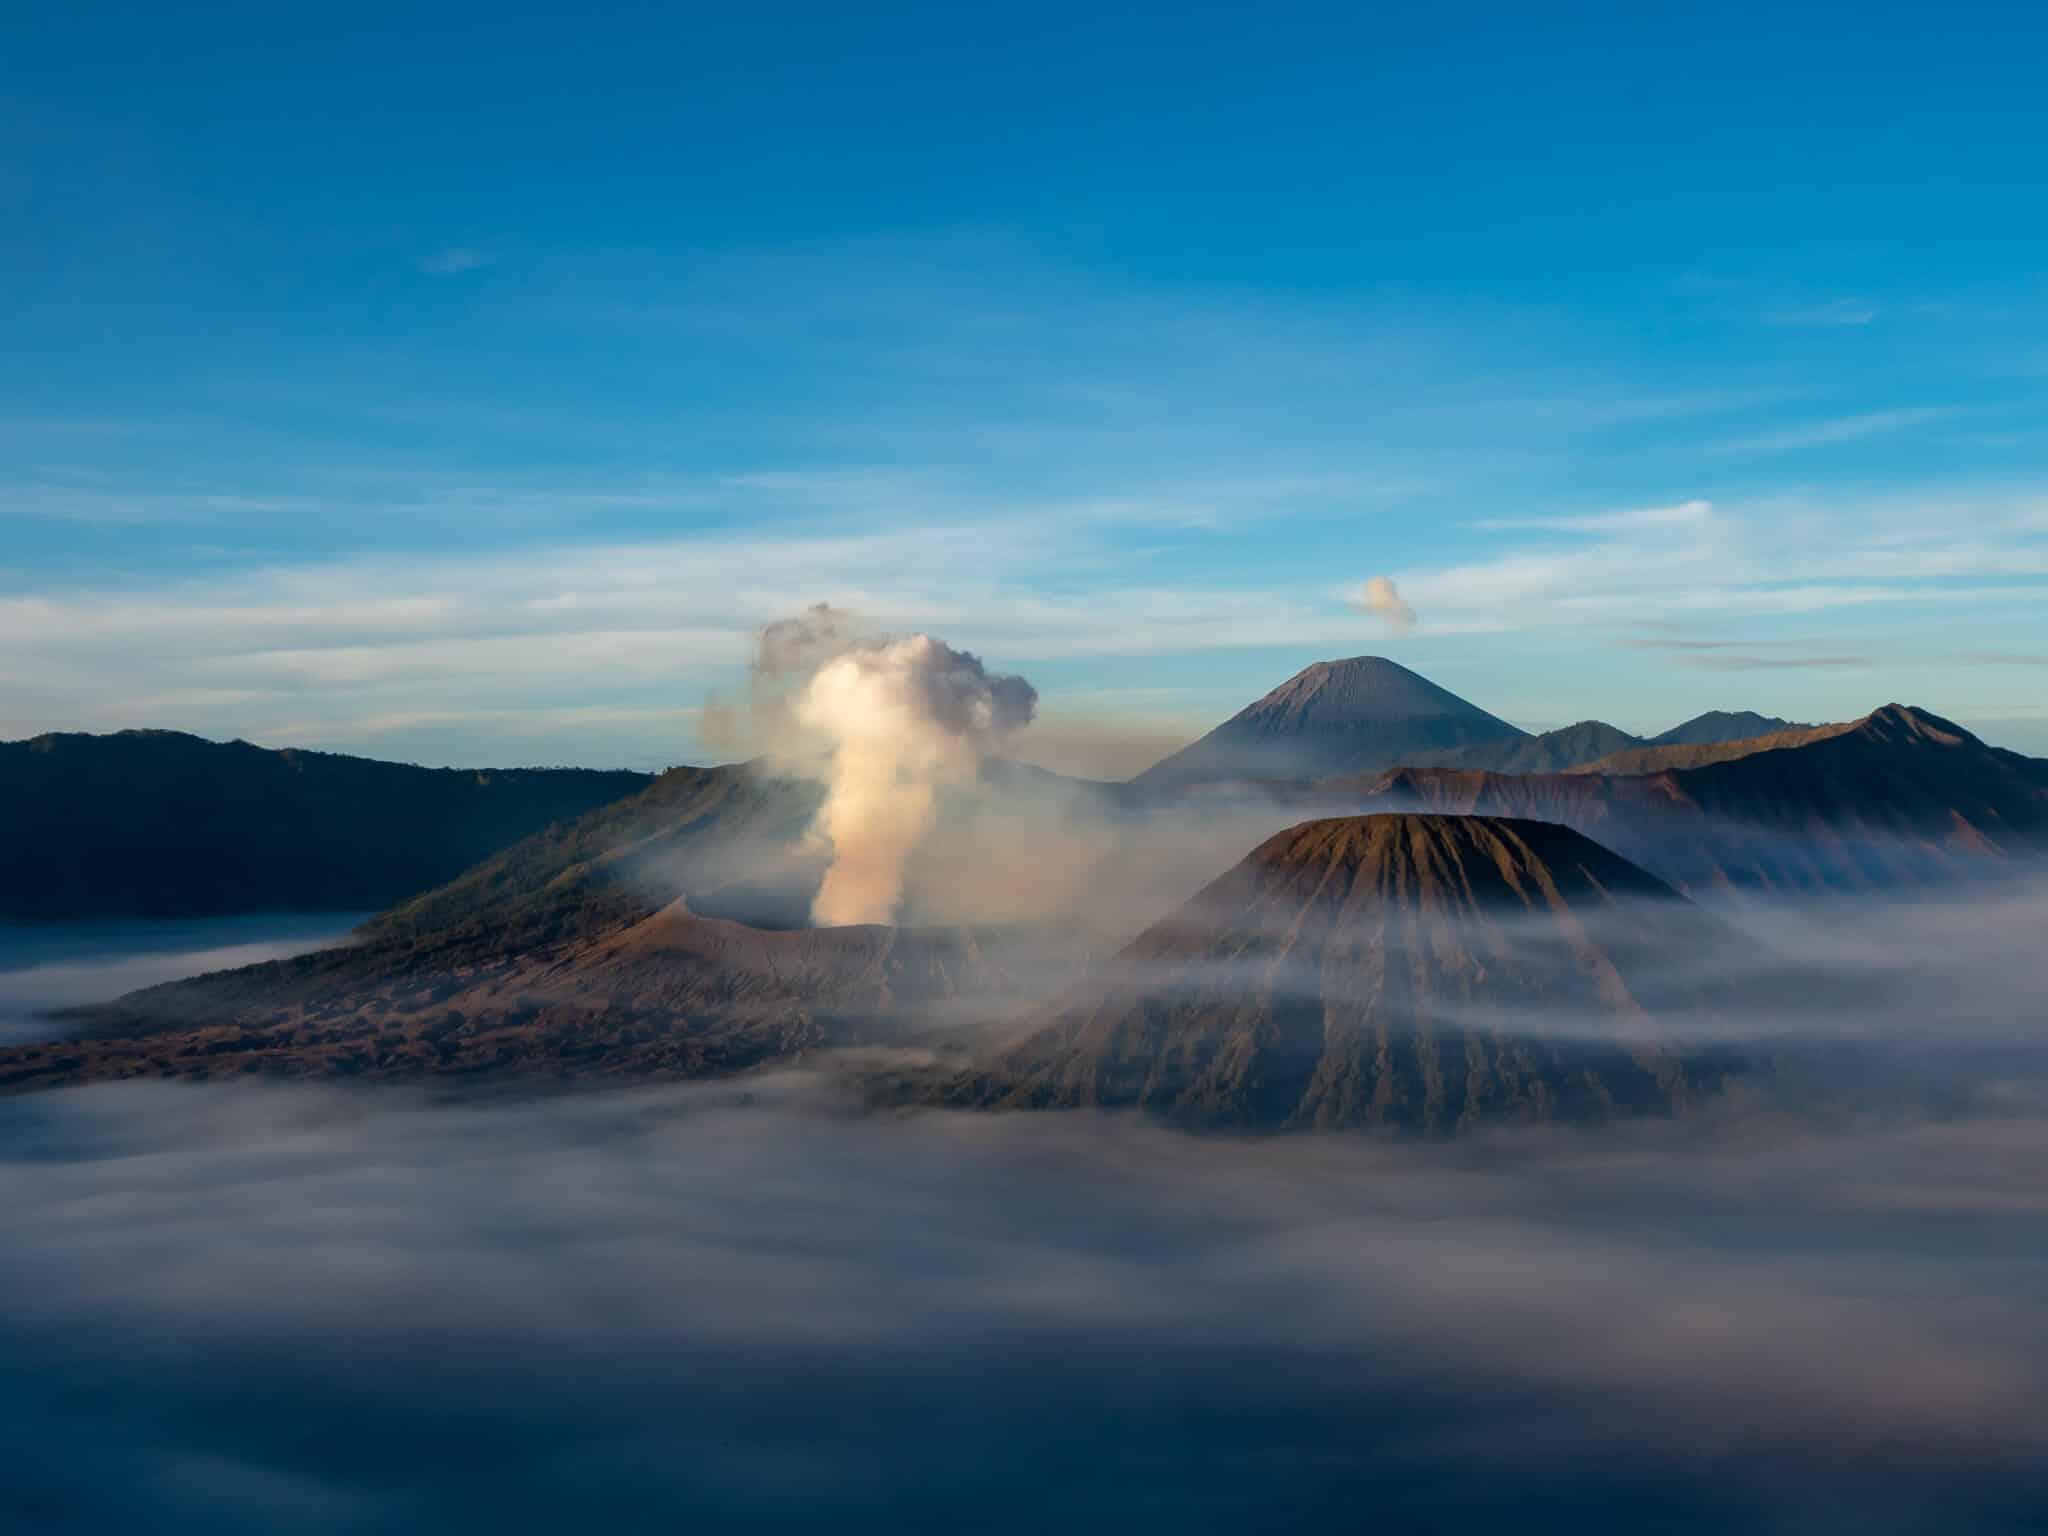 インドネシアブロモ山